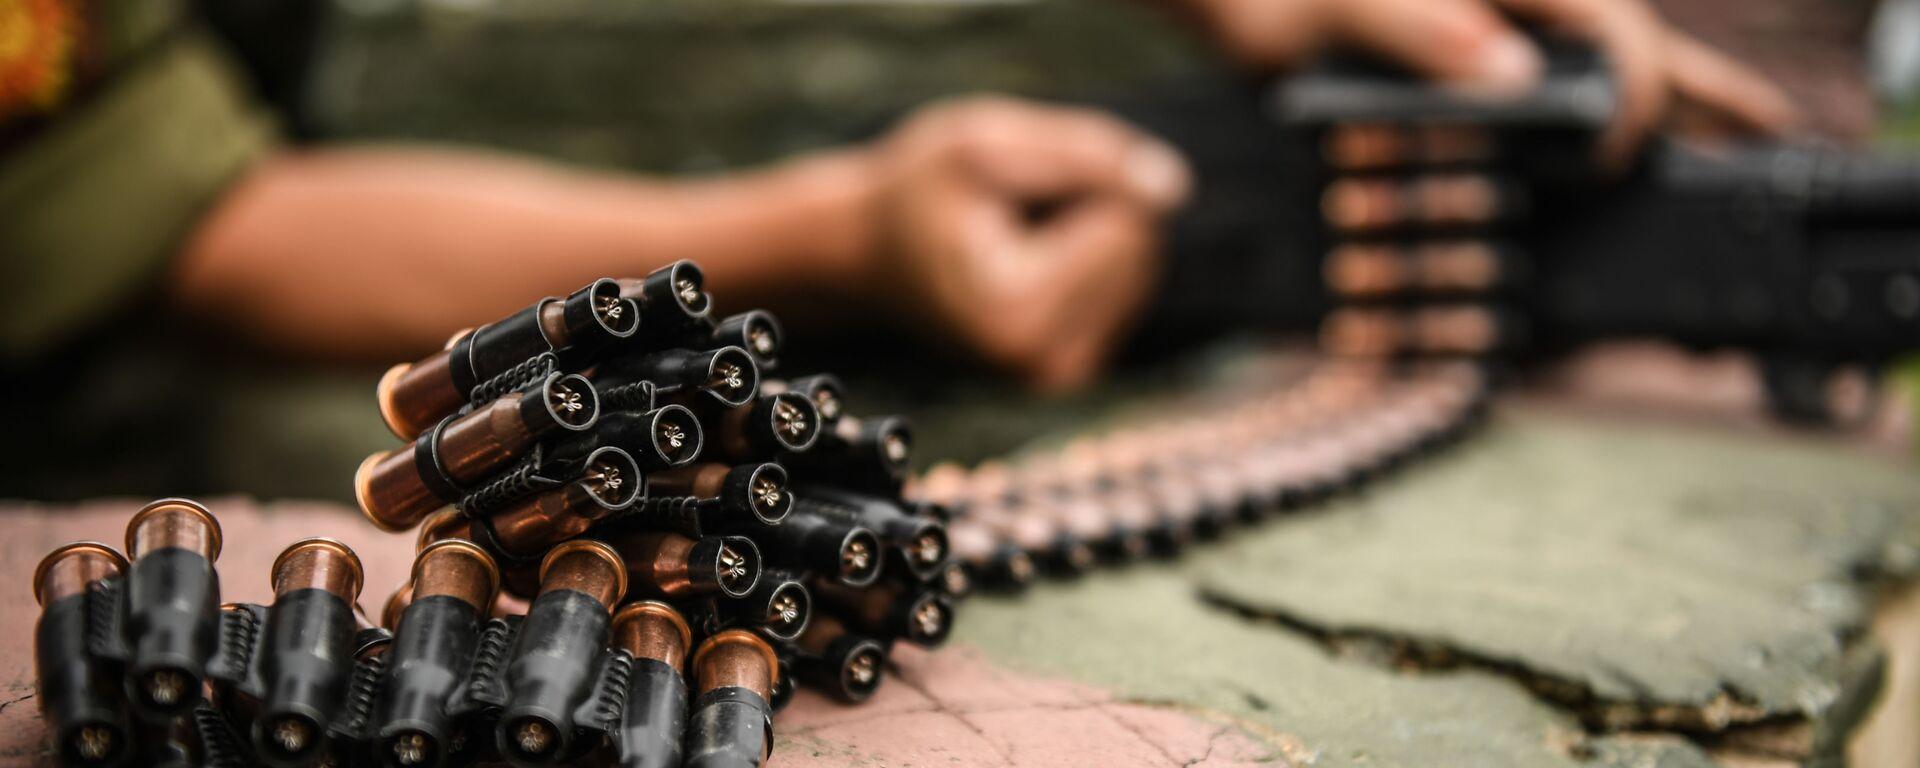 Военнослужащий мотострелкового полка Таманской дивизии снаряжает холостыми патронами  во время учений пулемет в Подмосковье - Sputnik Таджикистан, 1920, 08.06.2021